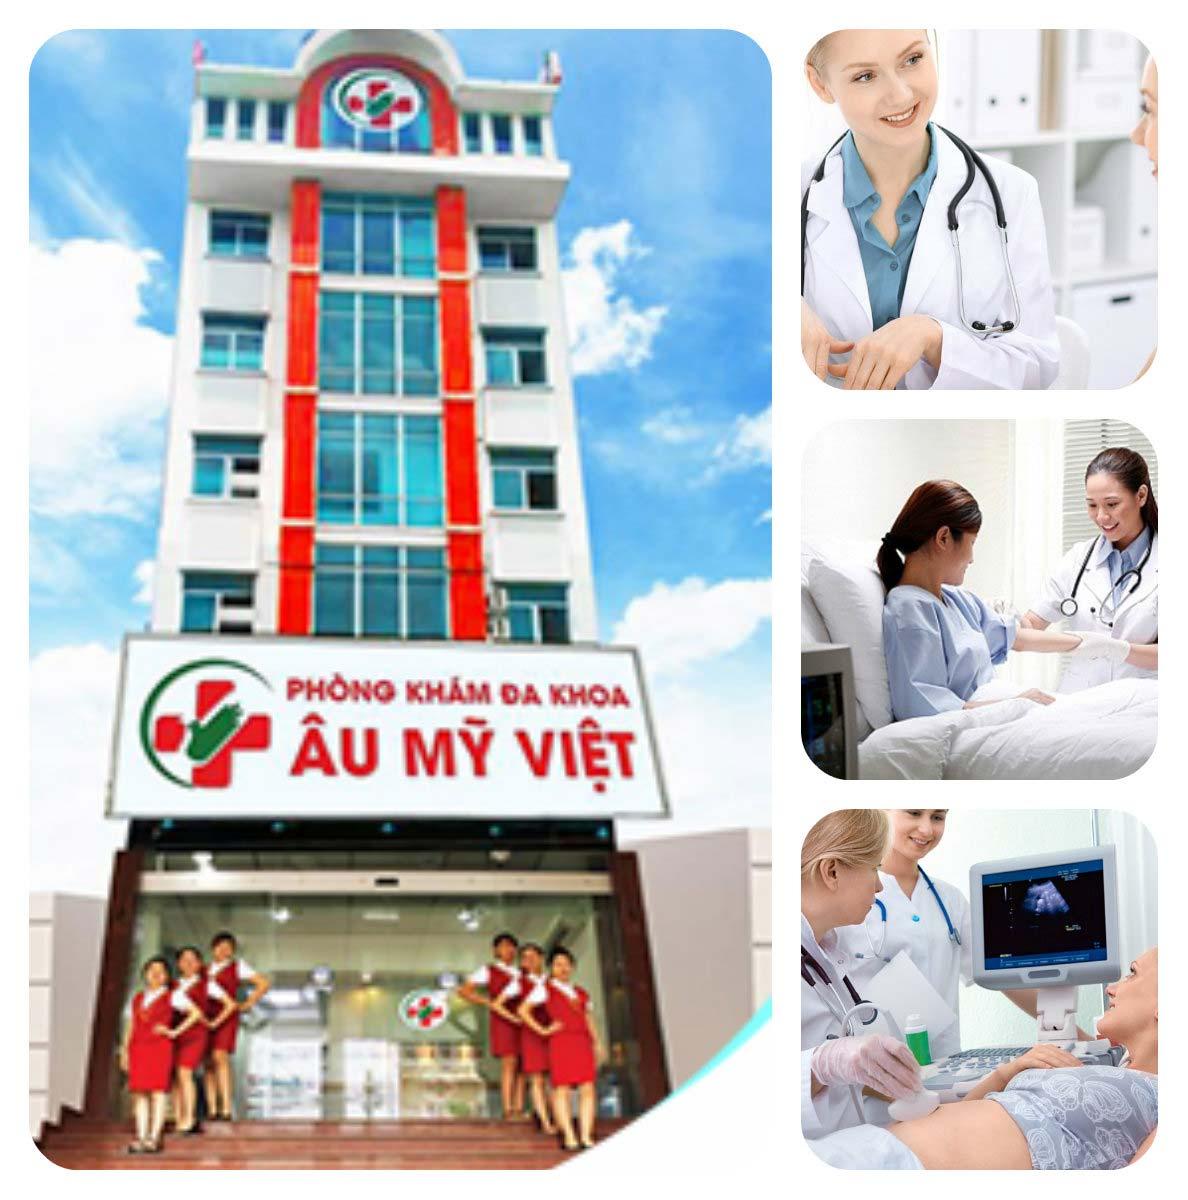 Tư vấn bệnh phụ khoa miễn phí tại Biên Hòa, Đồng Nai